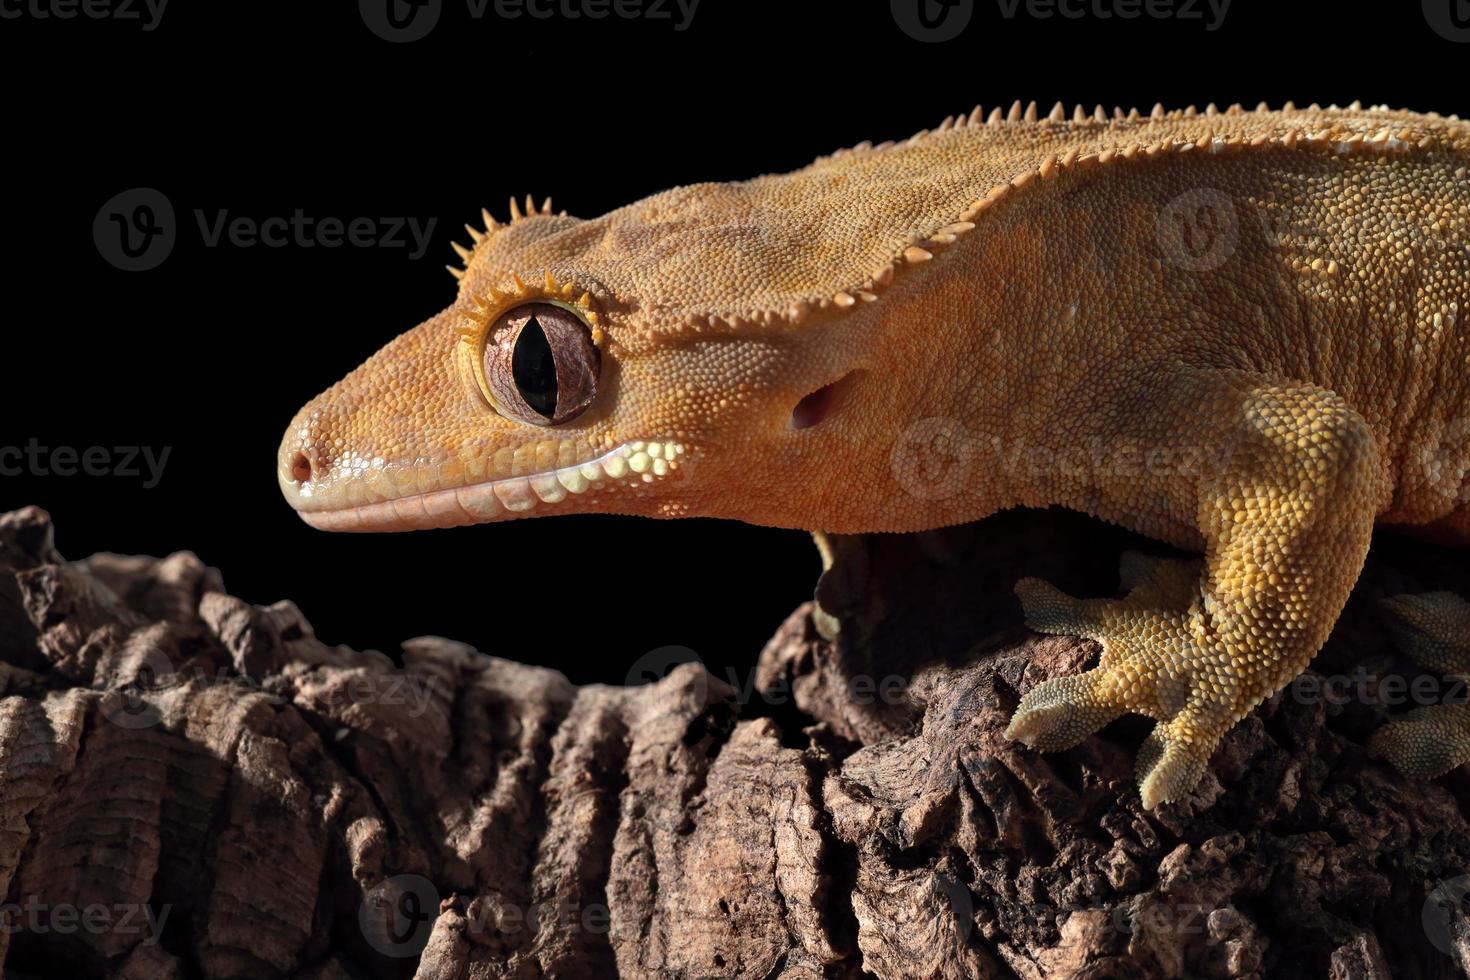 lagartixa com crista da Caledônia em um galho foto